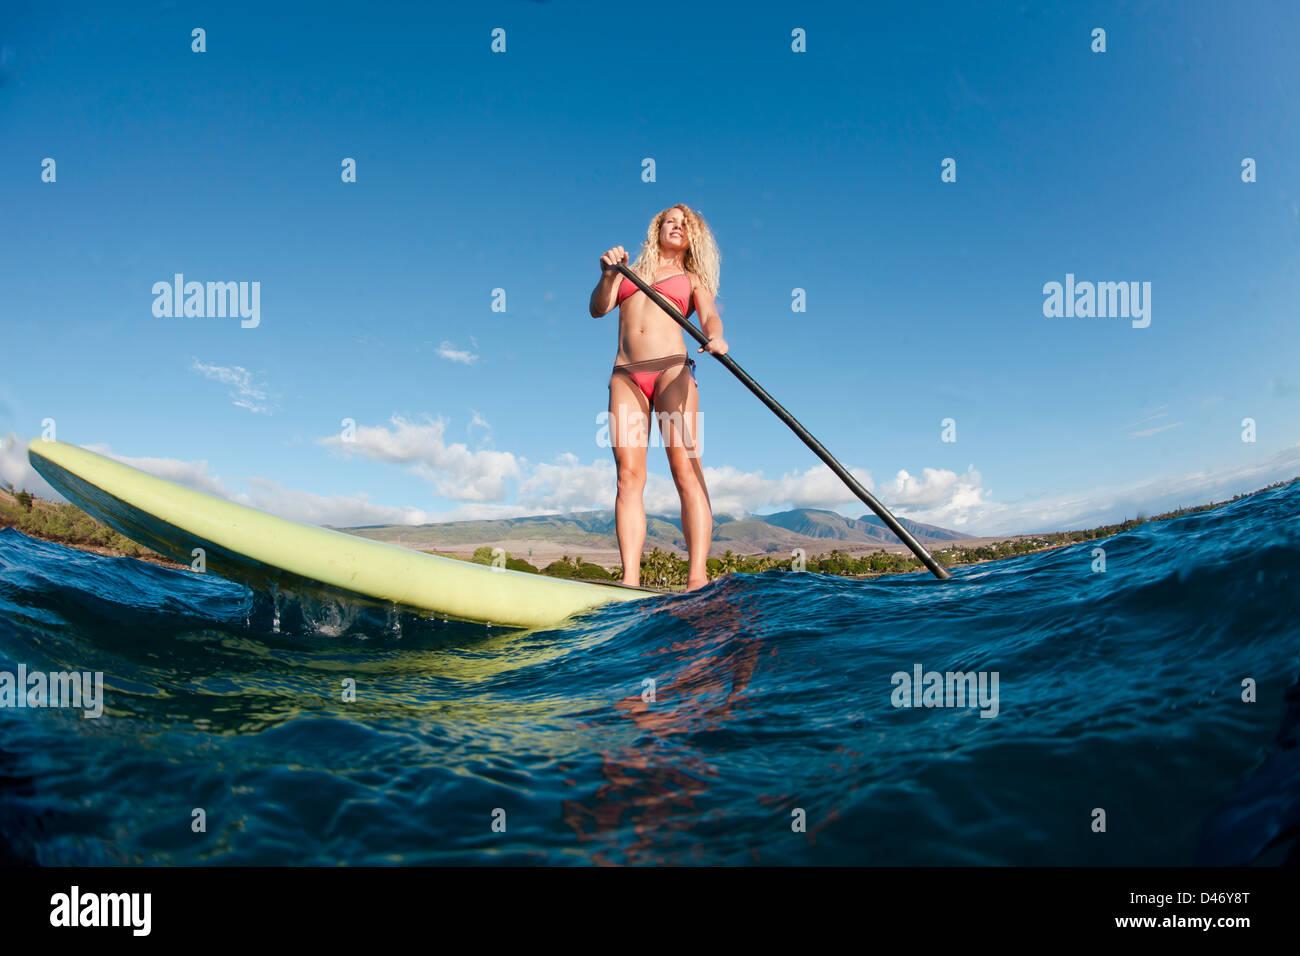 Istruttori di Surf Tara Angioletti su uno stand up paddle board off Bearch canoa, Maui. Hawaii. Immagini Stock